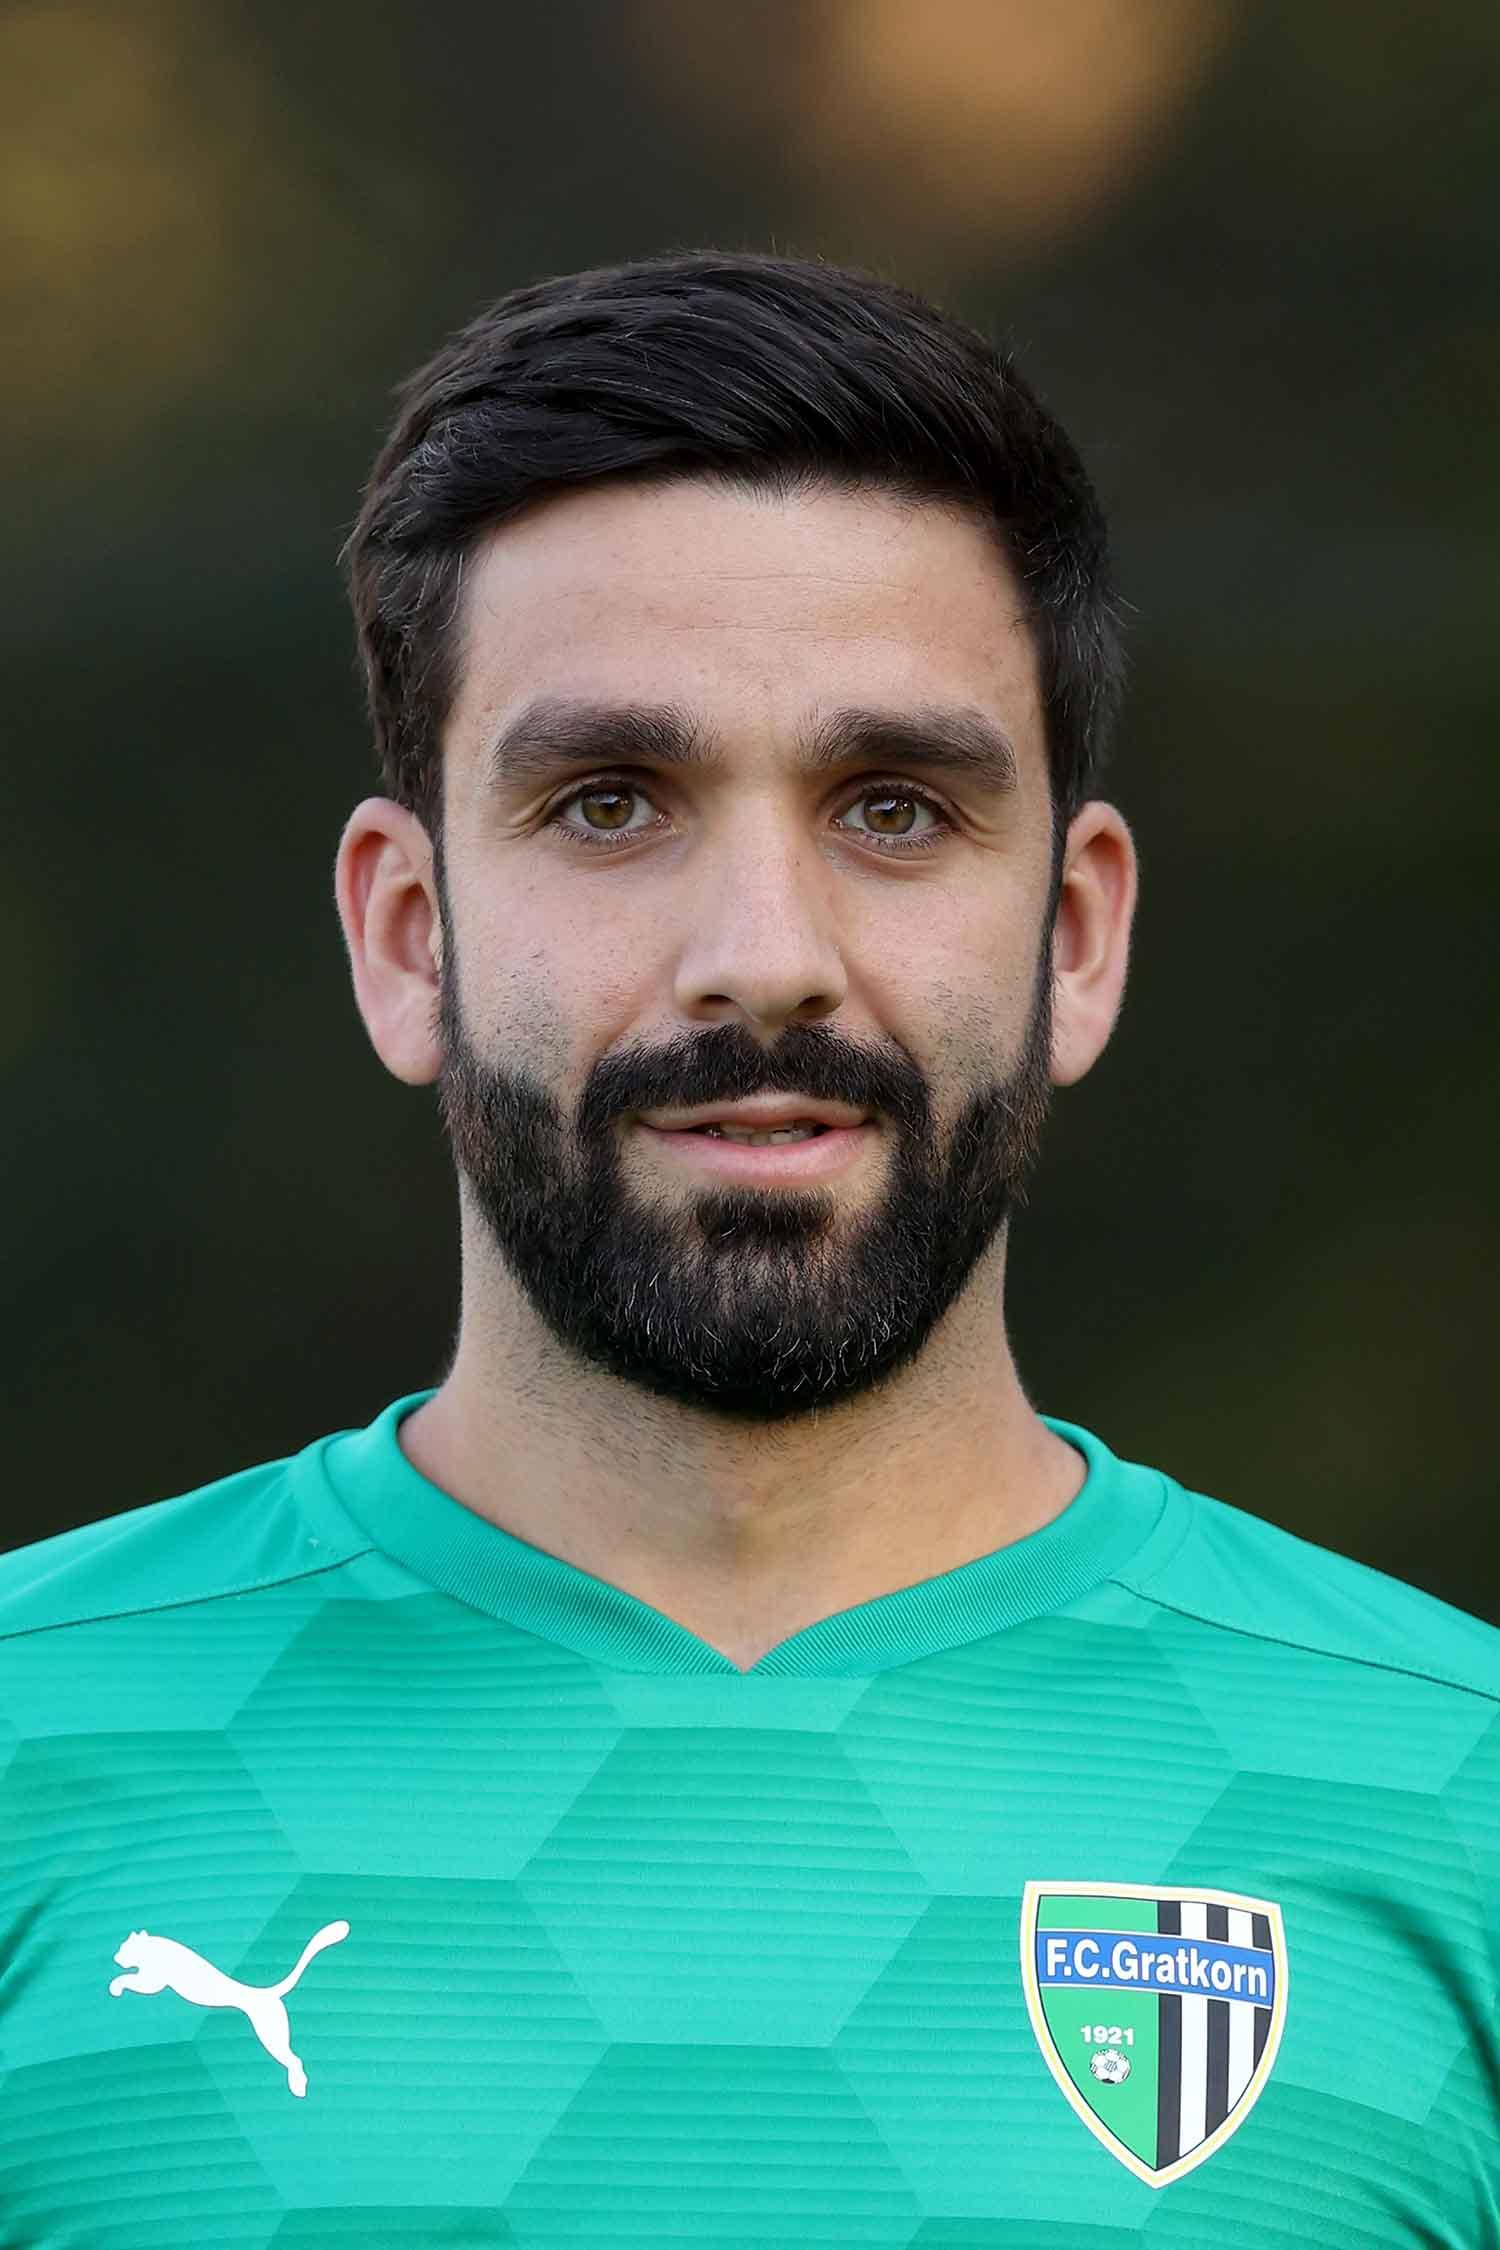 Kian Kadkhodaei, Verteidiger Kapitän FC Gratkorn